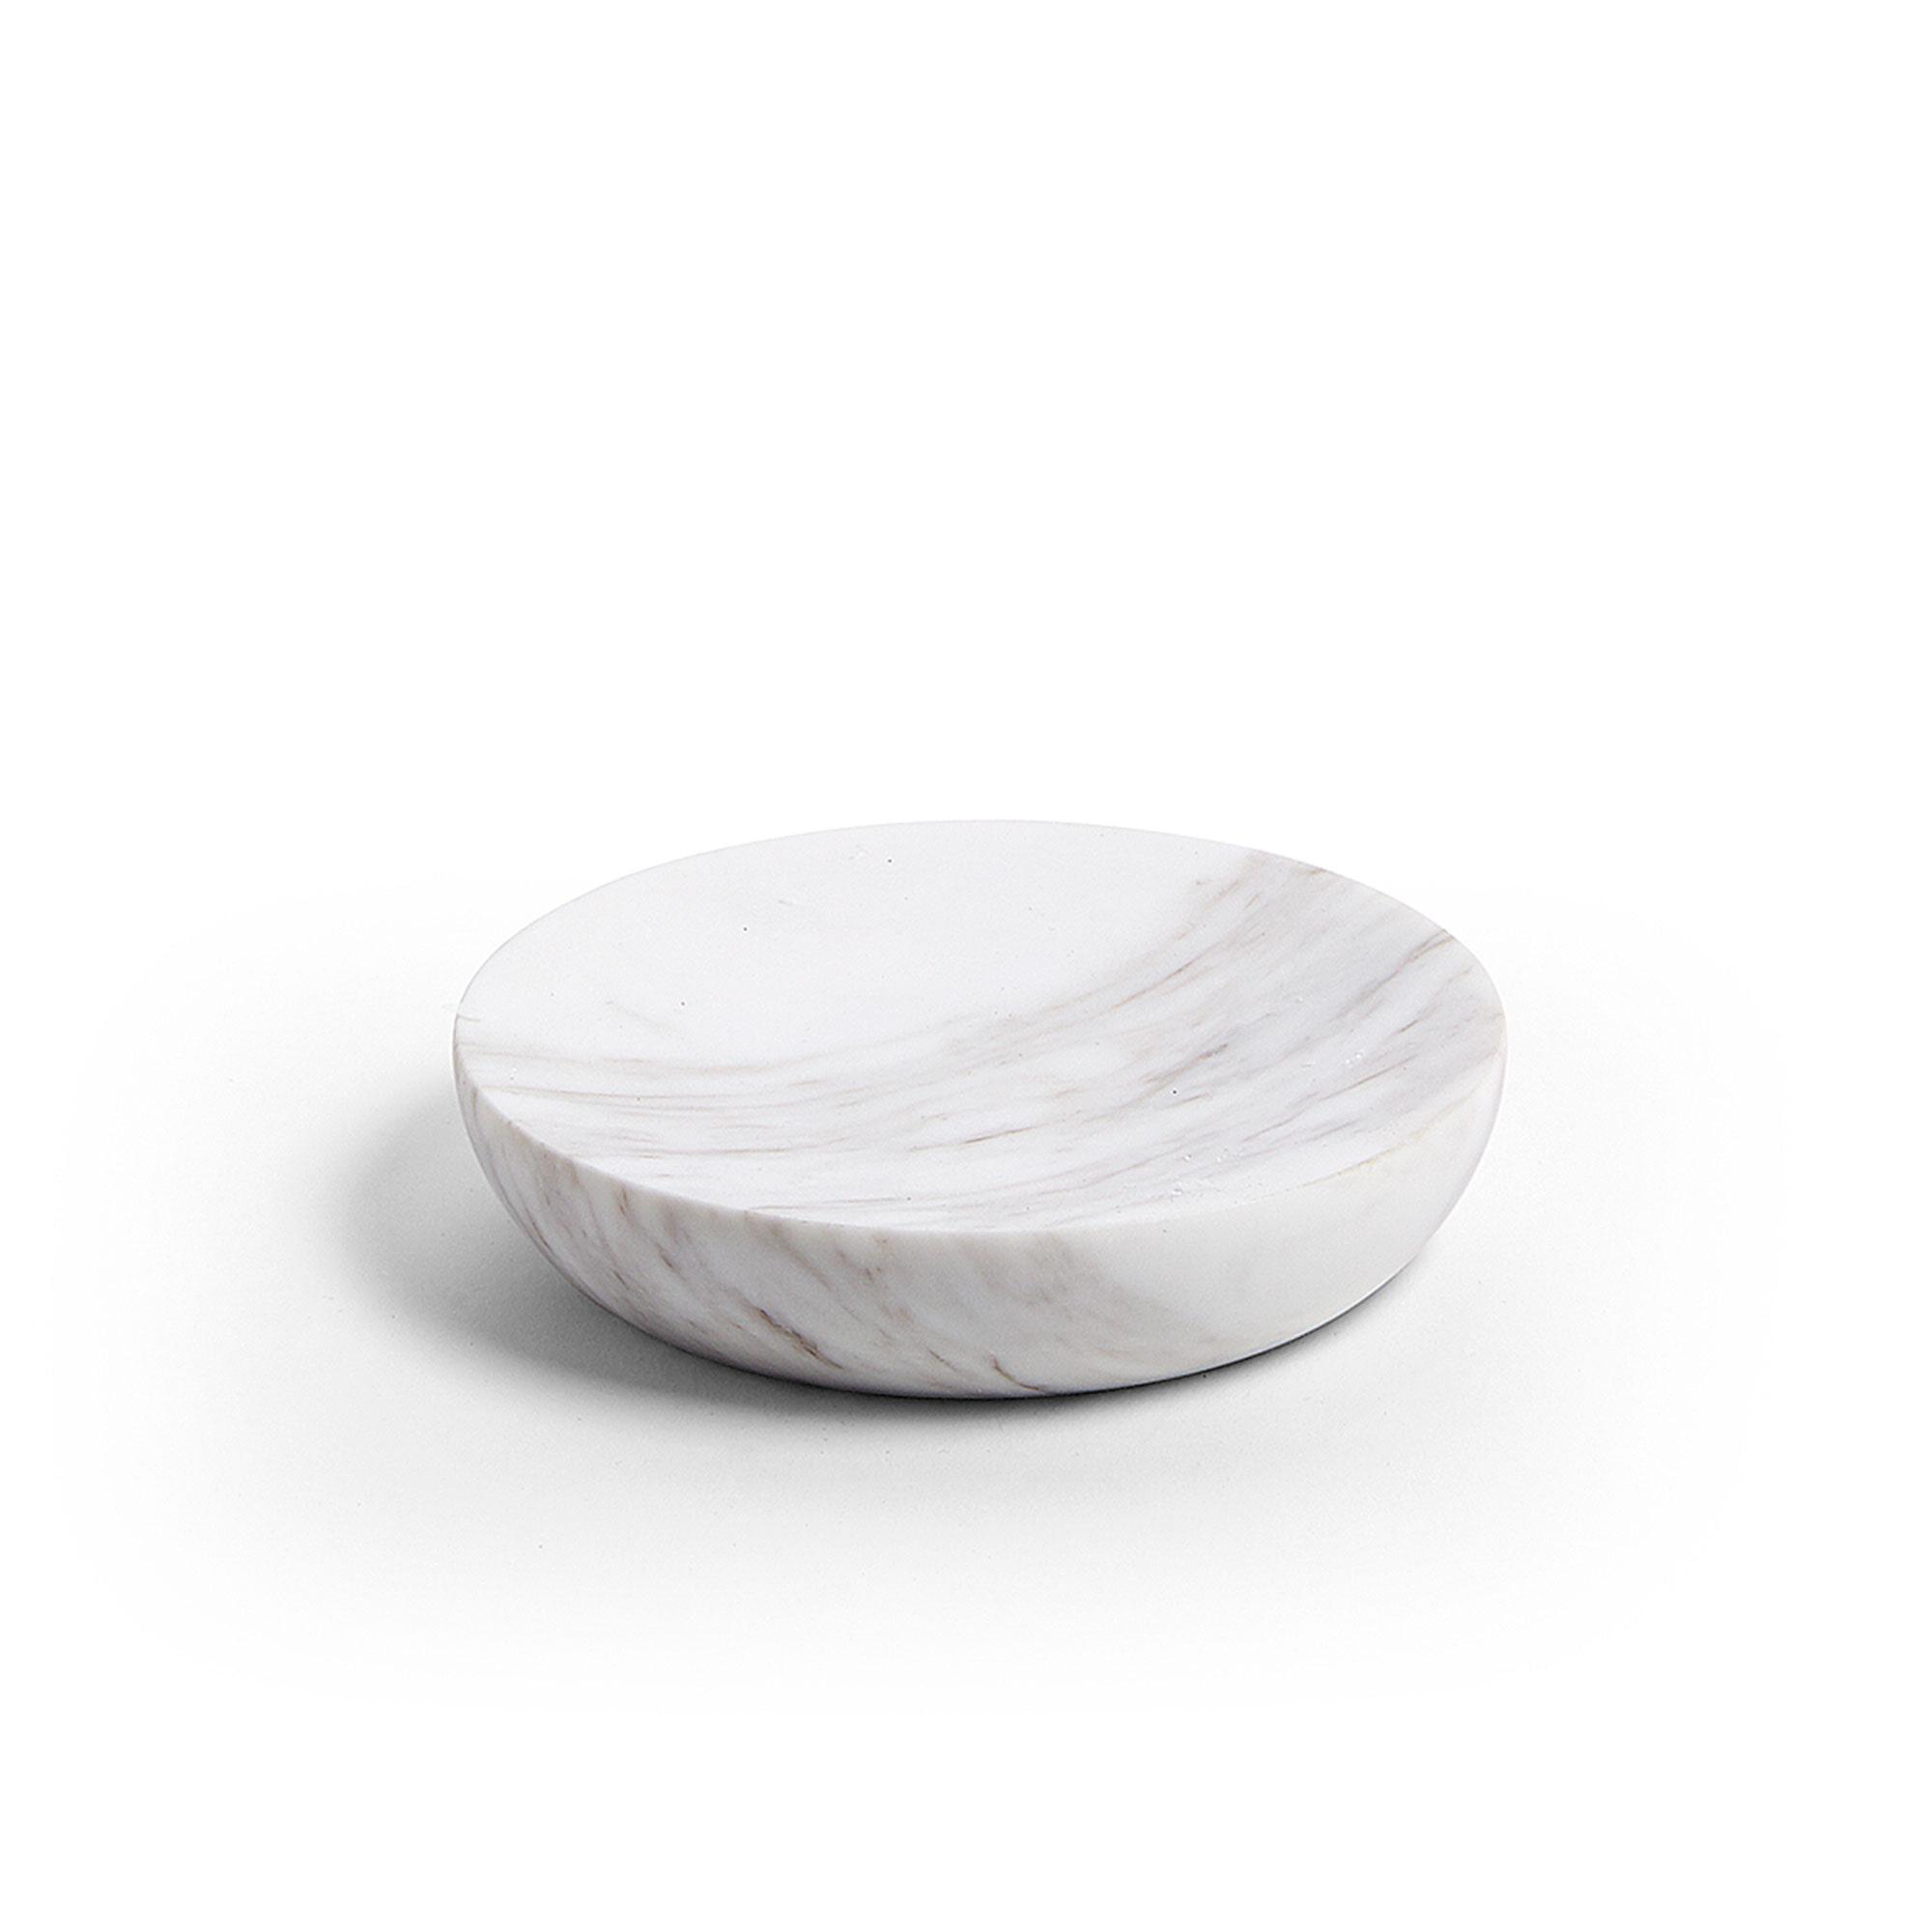 Kave Home Zeepbakje 'Almond' kleur Wit